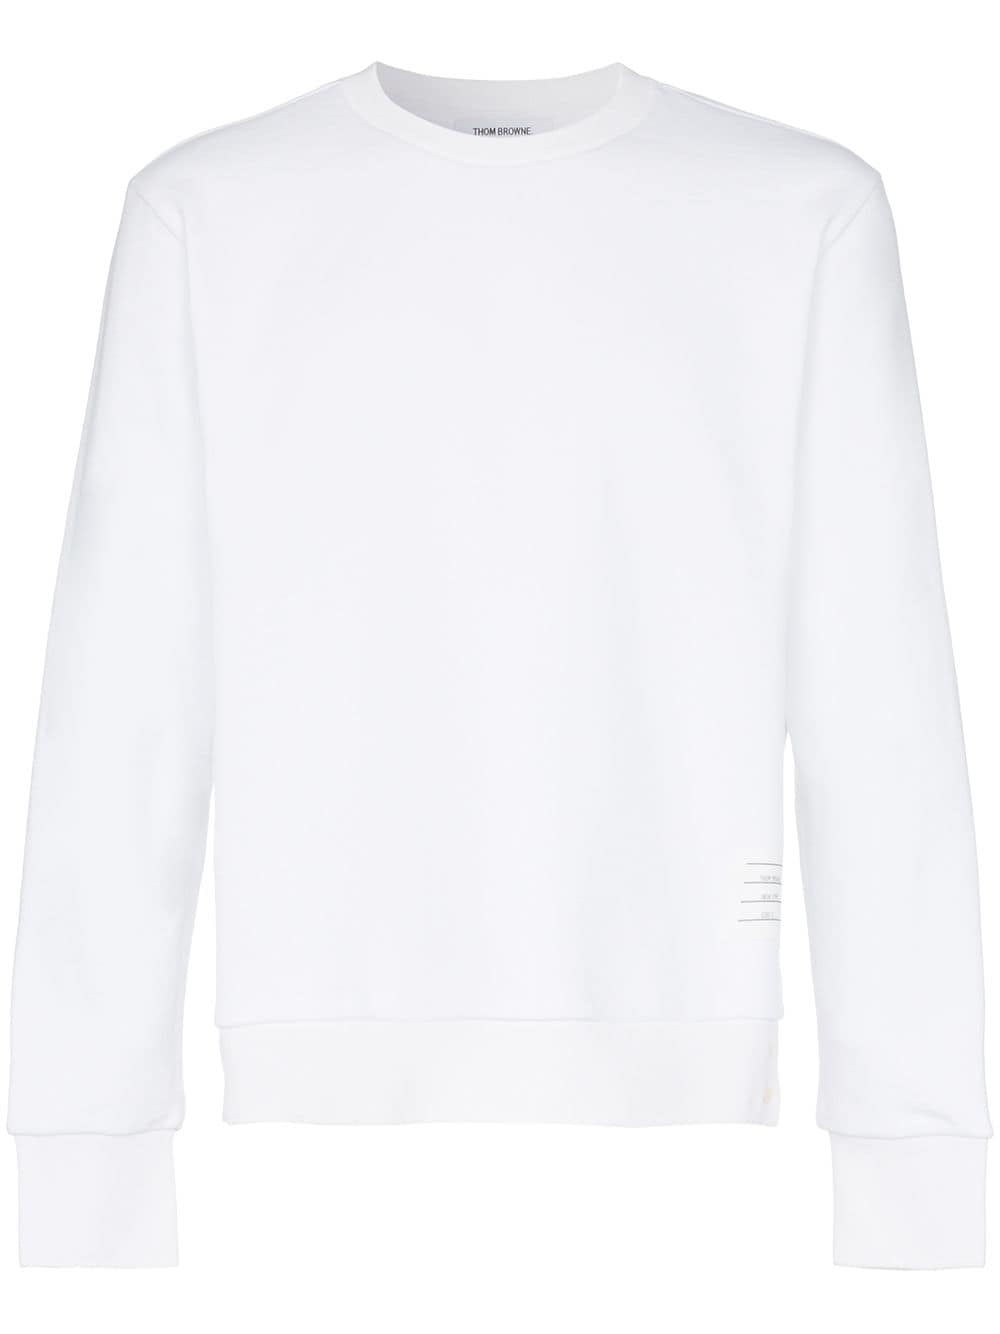 Thom Browne Sweatshirt mit dreifarbigen Streifen - Weiß